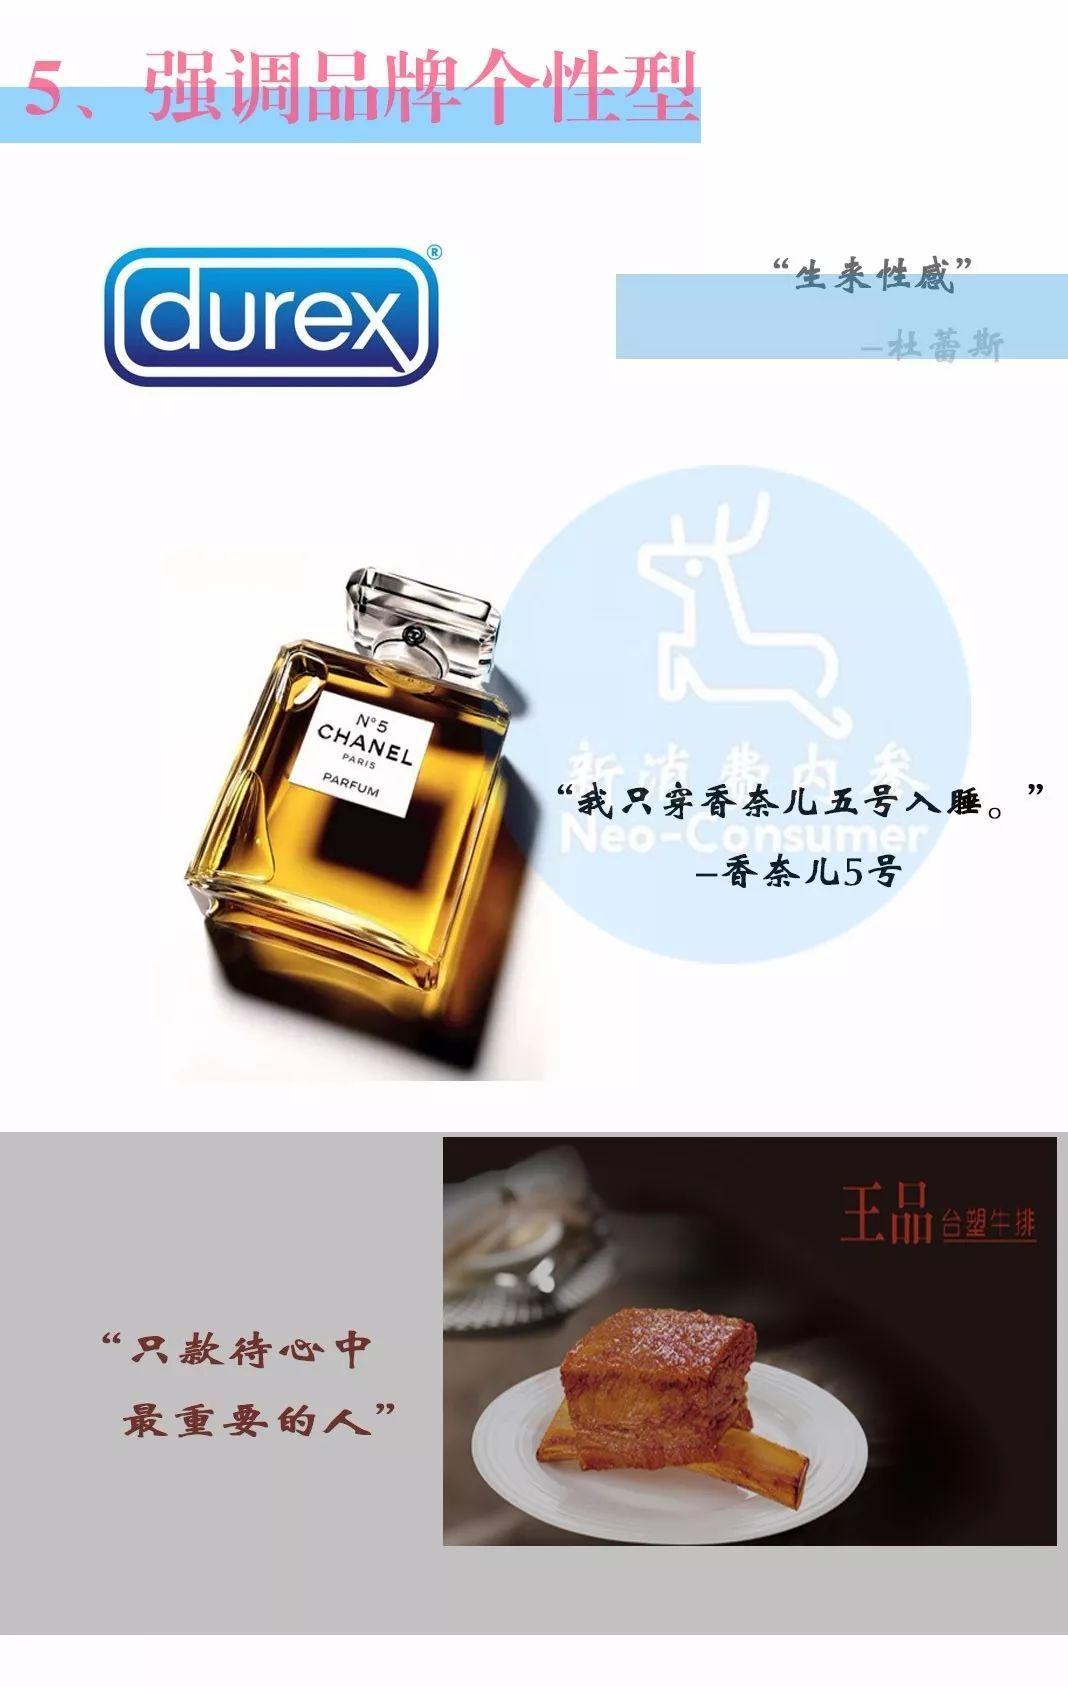 香奈儿5号香水和王品牛排的广告,给人傲气不随波逐流之感,将用户挑剔图片